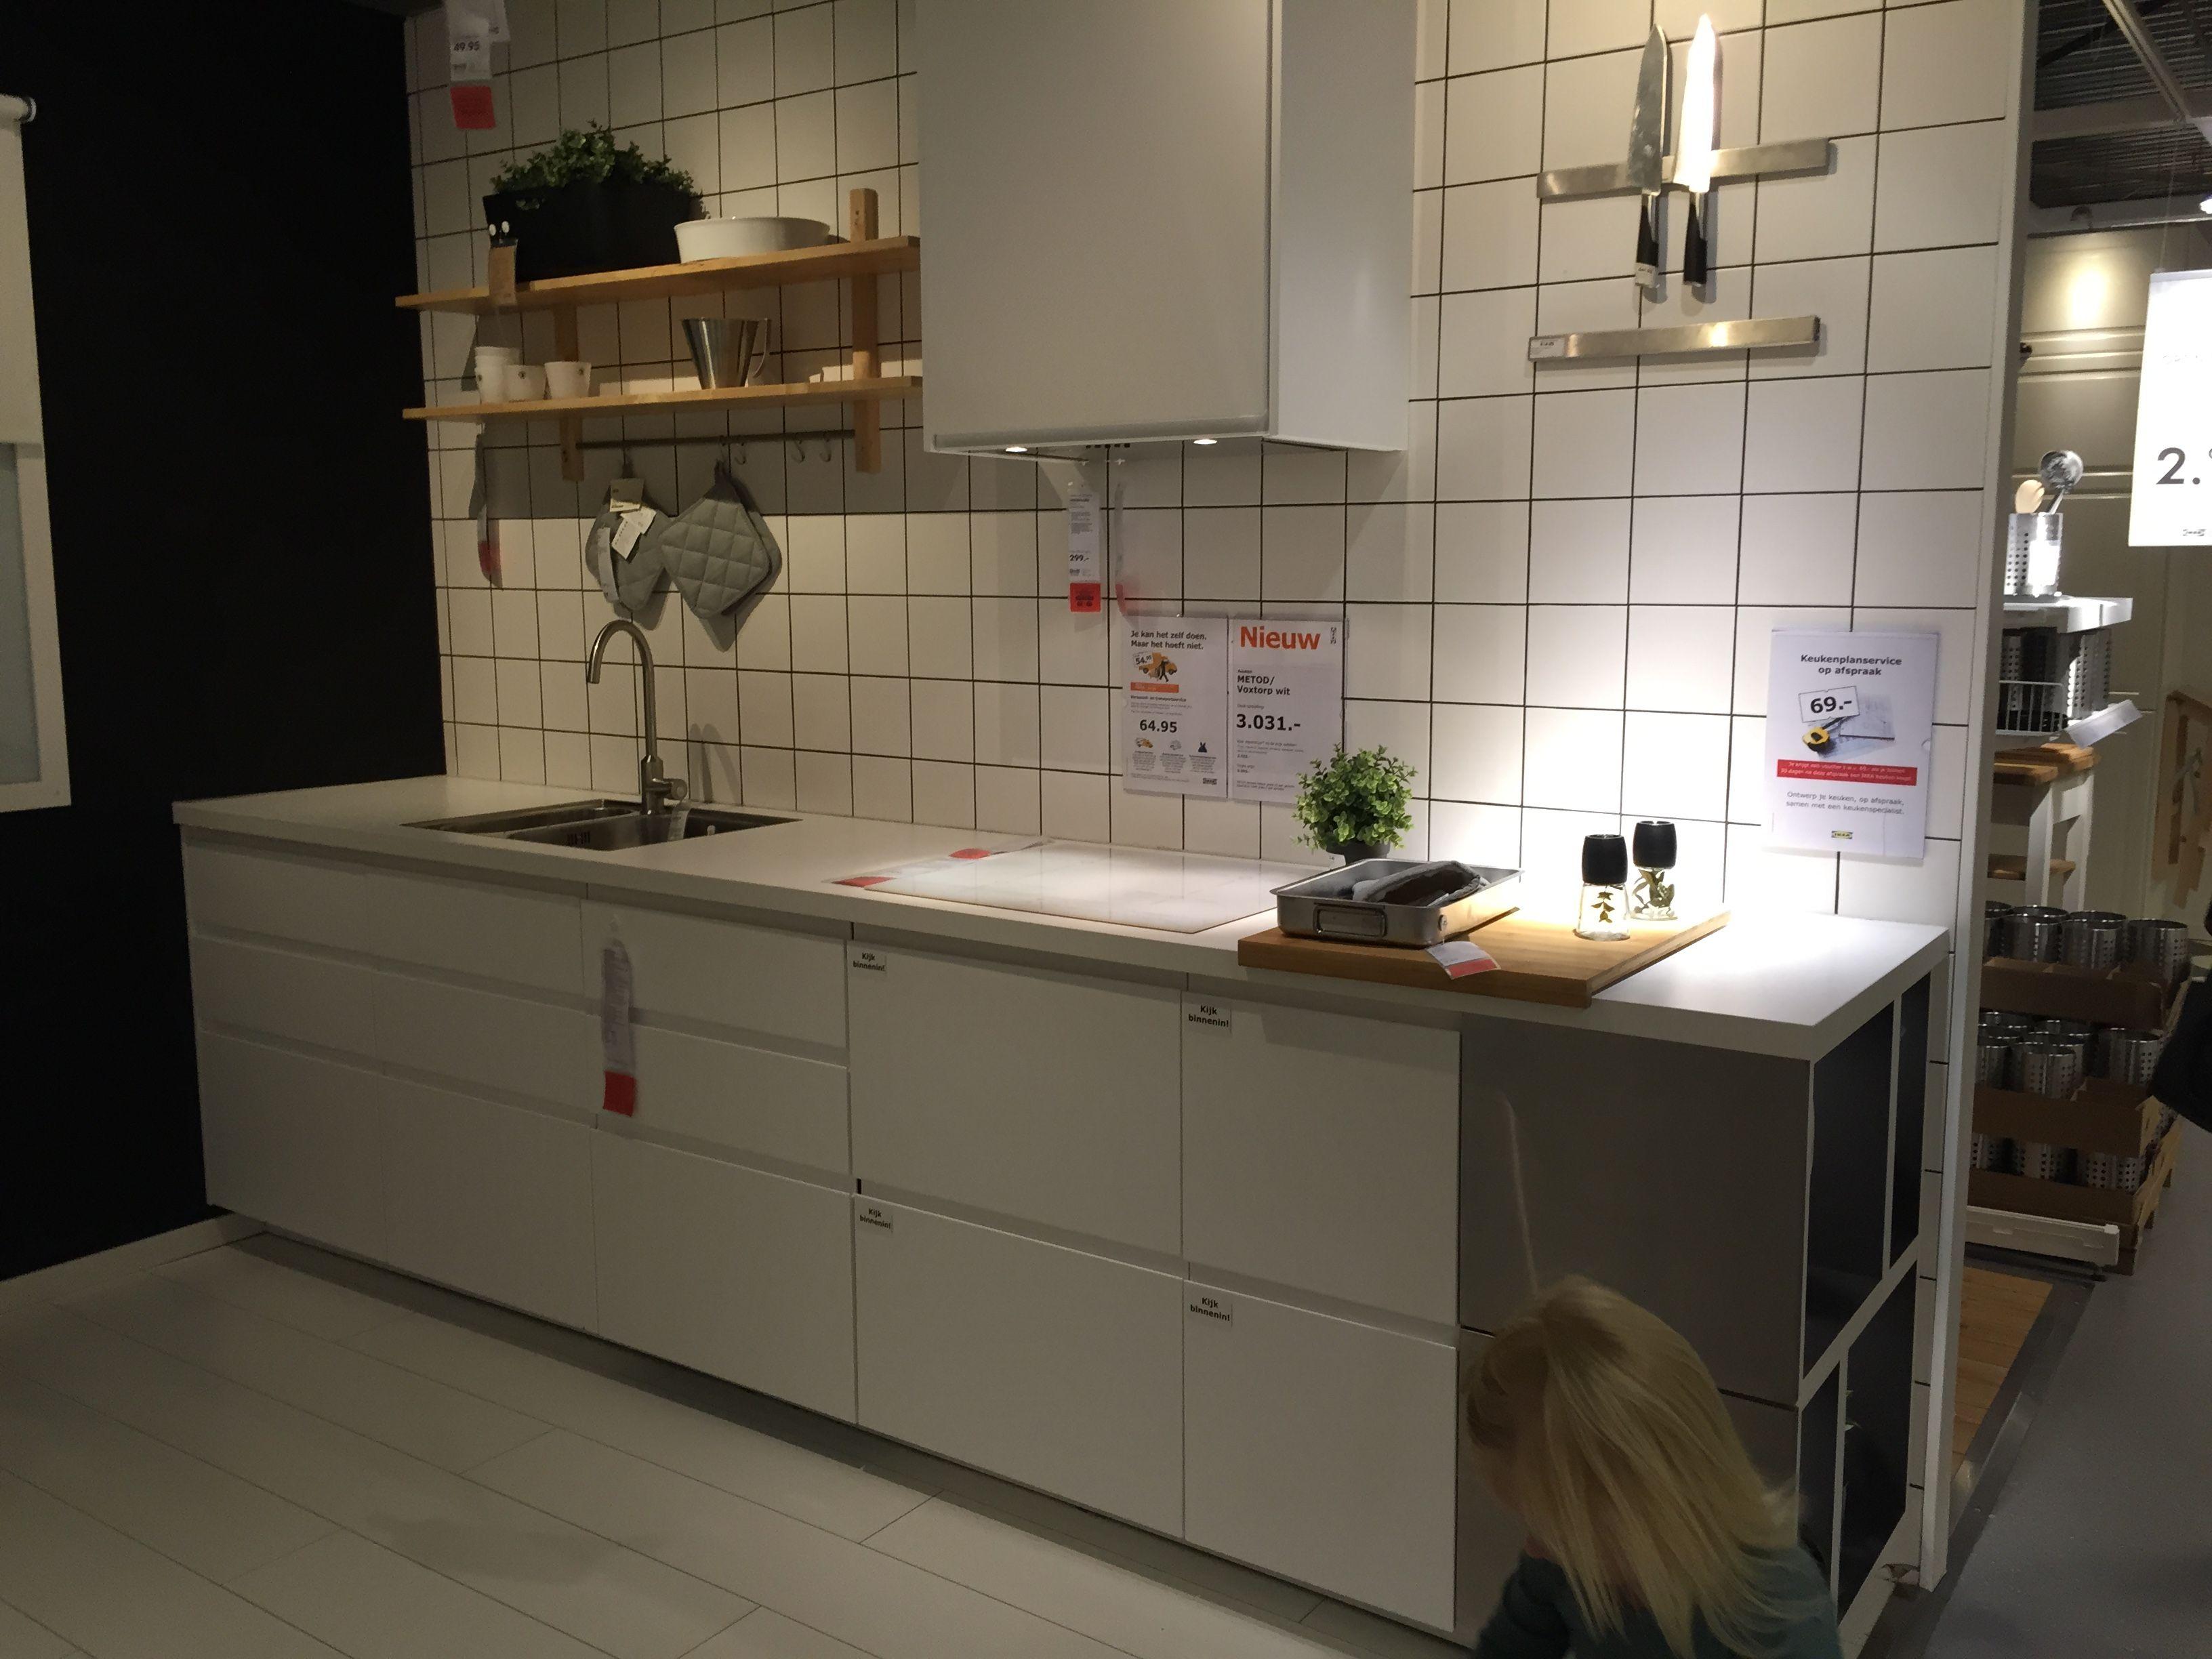 Keuken Ikea Beige : Voxtorp küche beige metod keuken ikea ikeanl modern greeploos